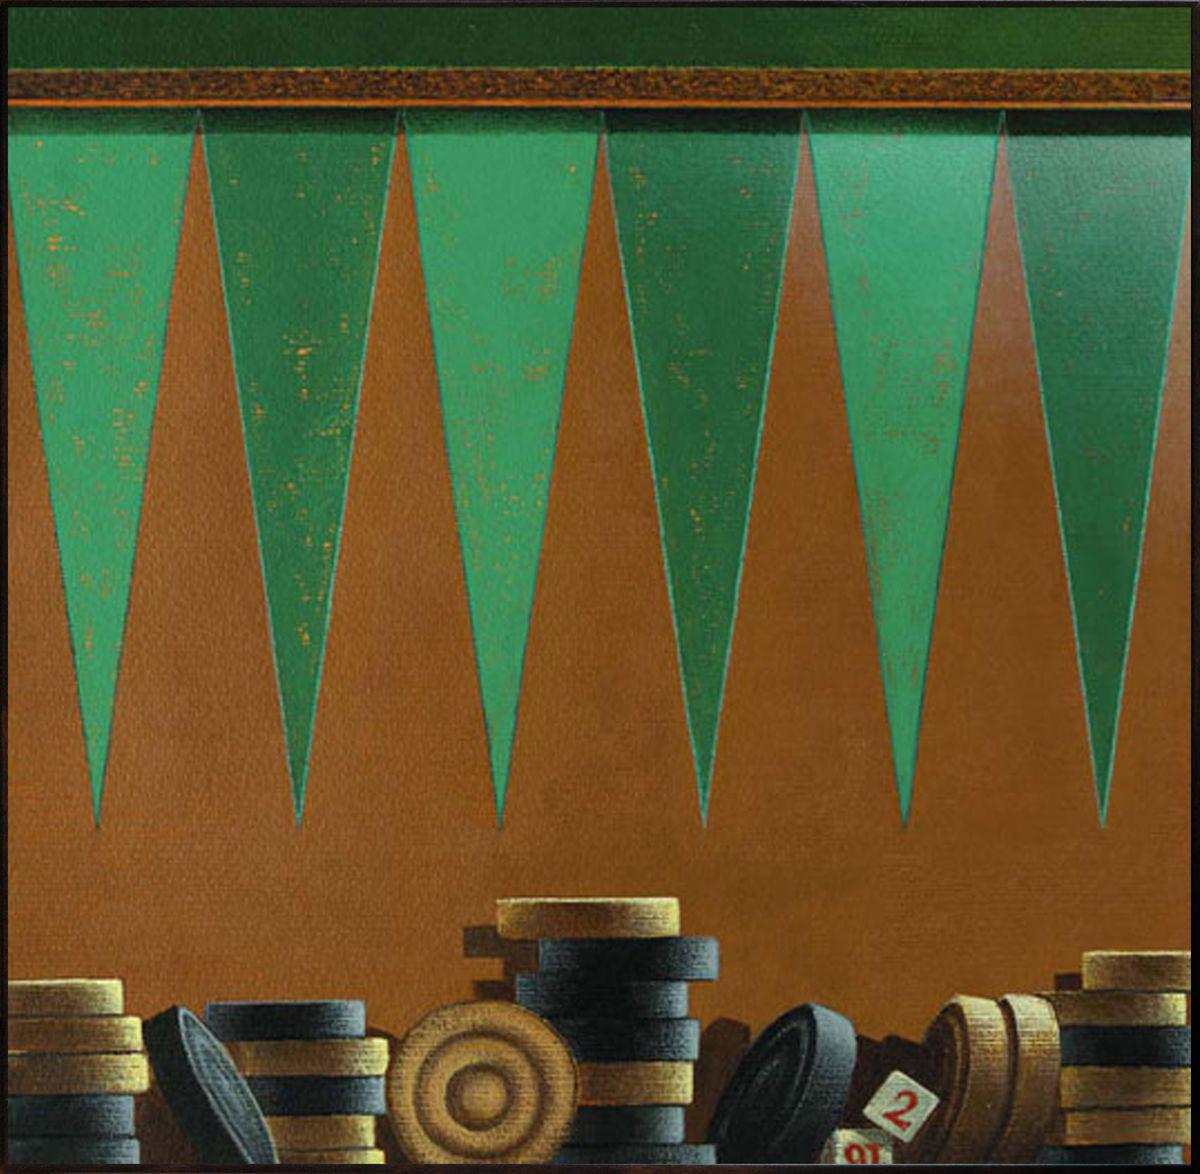 Декобокс СолоДомДекор Шашки, 50 х 50 смБрелок для сумкиДекобокс СолоДомДекор Шашки выполнен из бумаги, рама - из МДФ. Современные технологии, уникальное оборудование и цифровая печать, используемые в производстве, делают постер устойчивым к выцветанию и обеспечивают исключительное качество произведений. Благодаря наличию необходимых креплений в комплекте установка не займет много времени. Декобокс - это прекрасная возможность создать яркий акцент при оформлении любого помещения. Картина обязательно привлечет внимание и подарит немало приятных впечатлений своим обладателям. Правила ухода: можно протирать сухой, мягкой тканью.